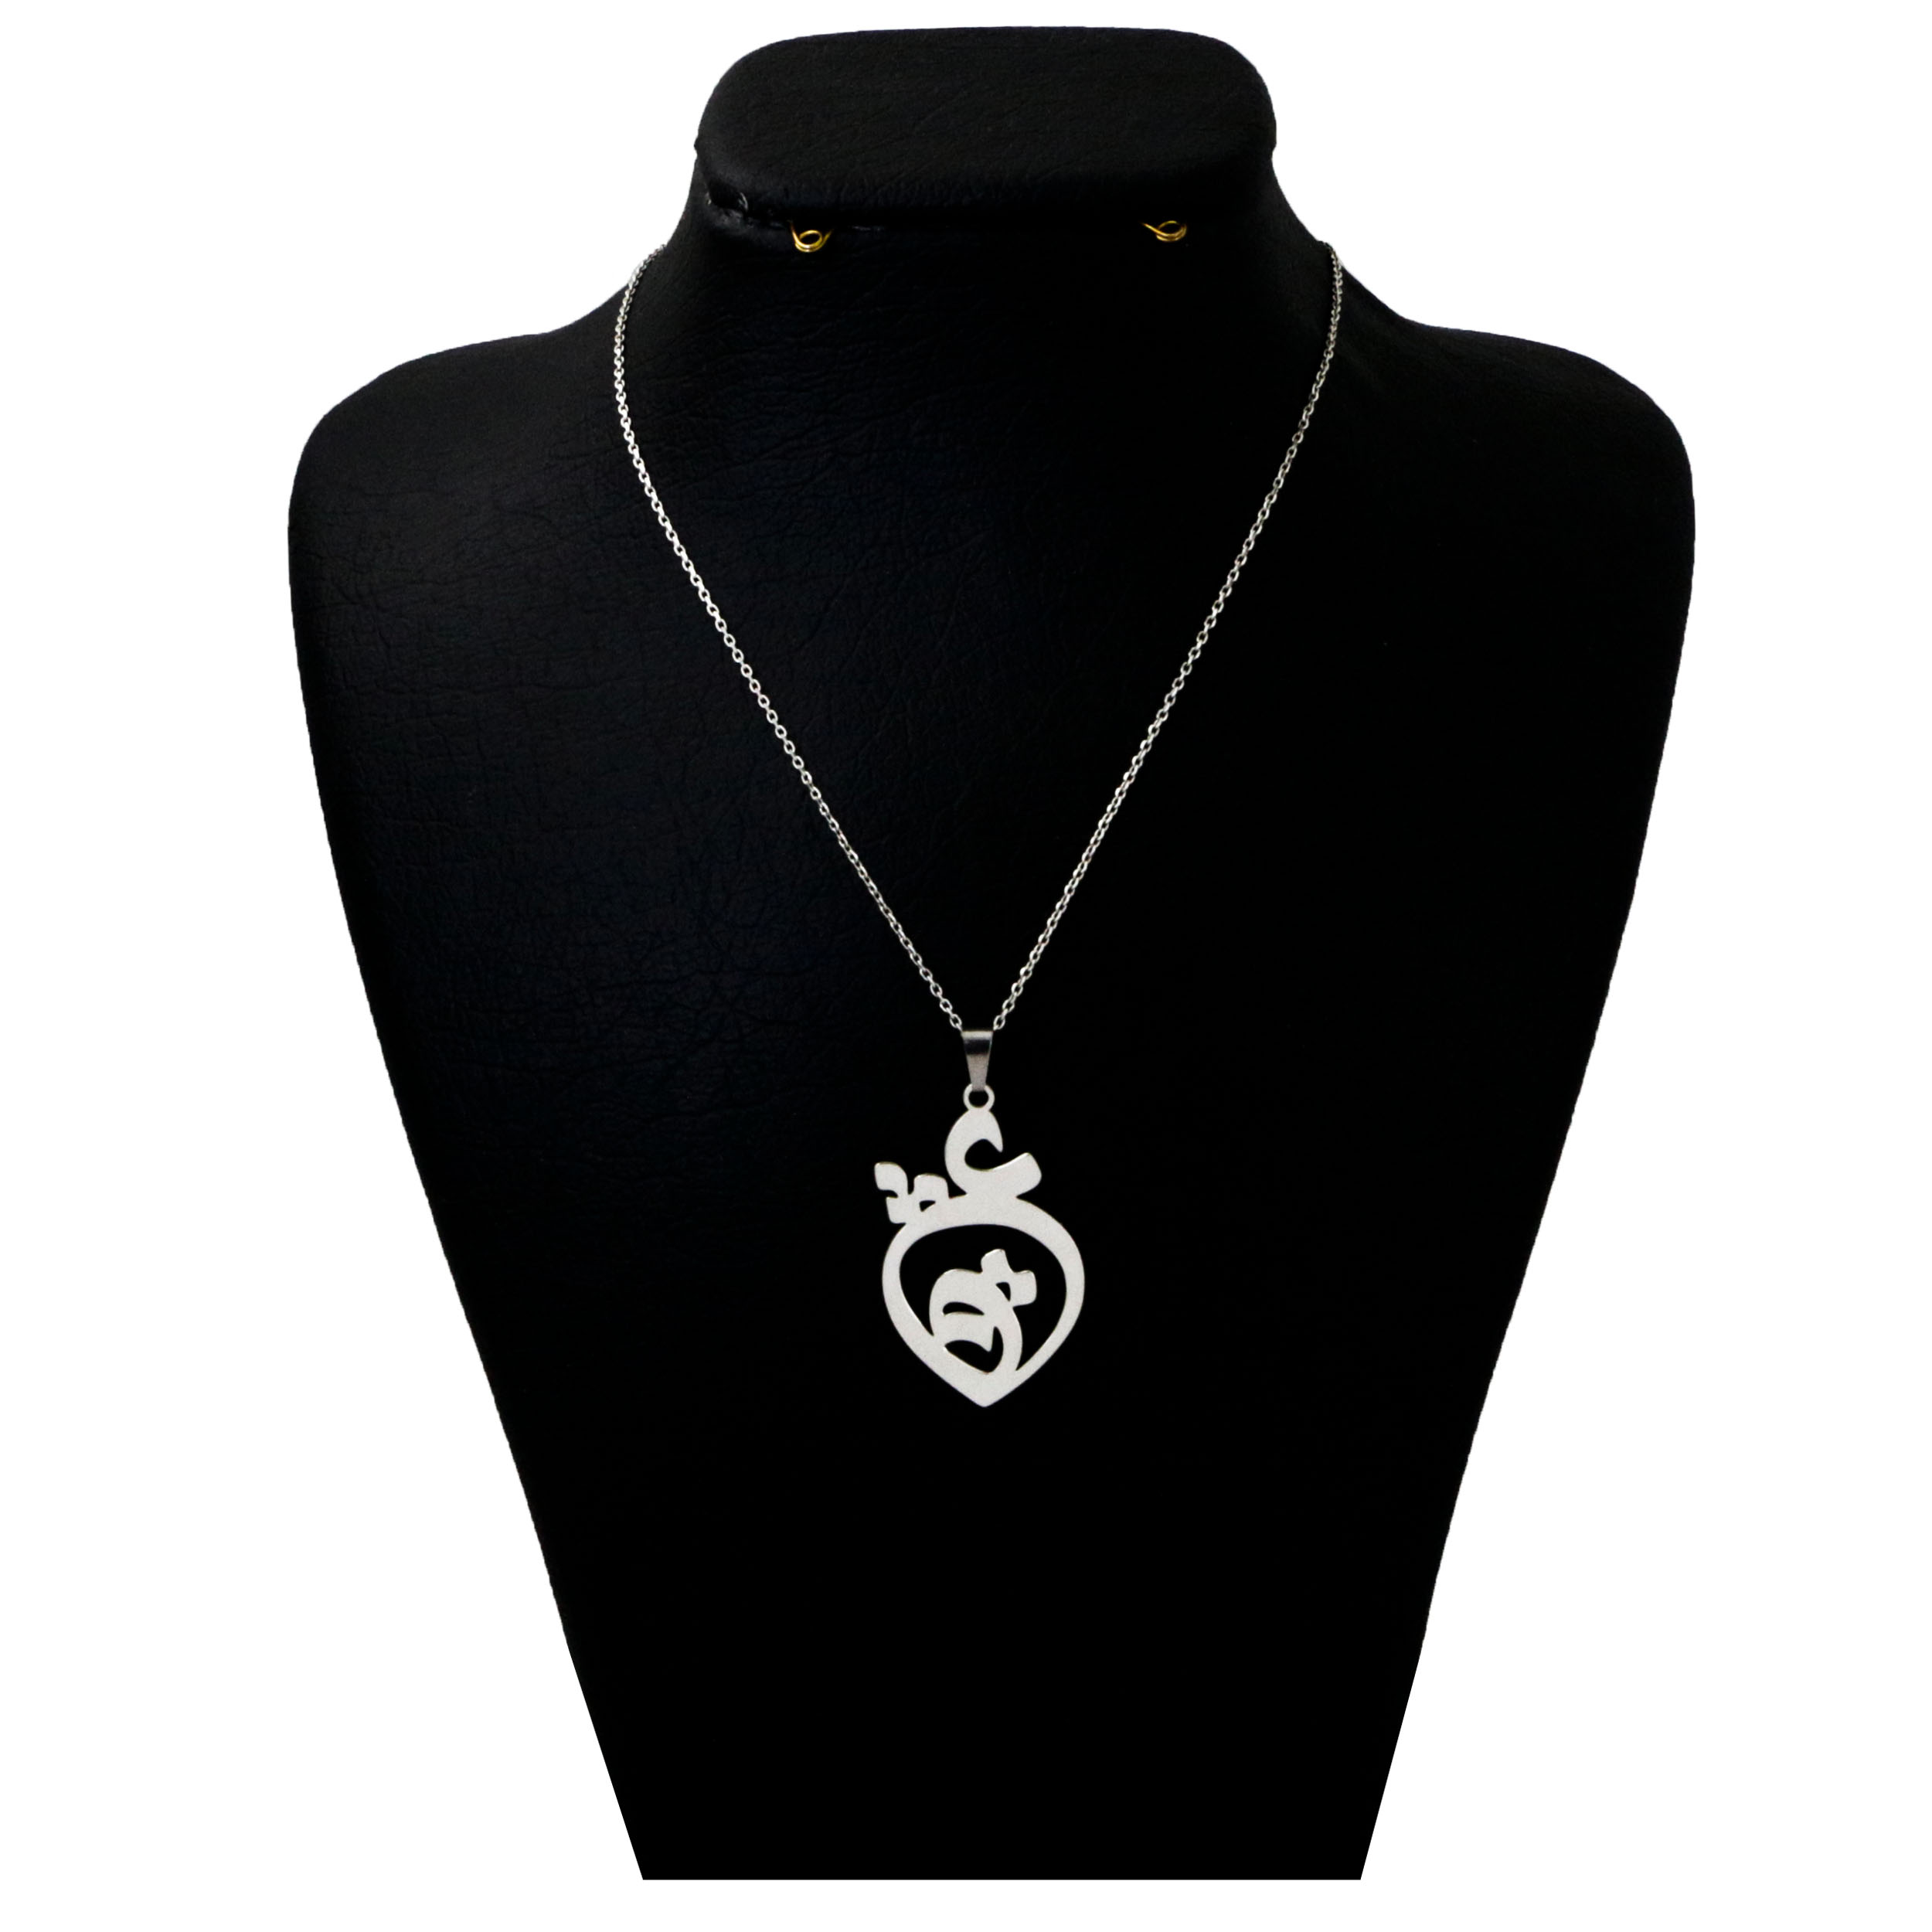 گردنبند نقره زنانه دلی جم طرح عشق 1 کد D 317